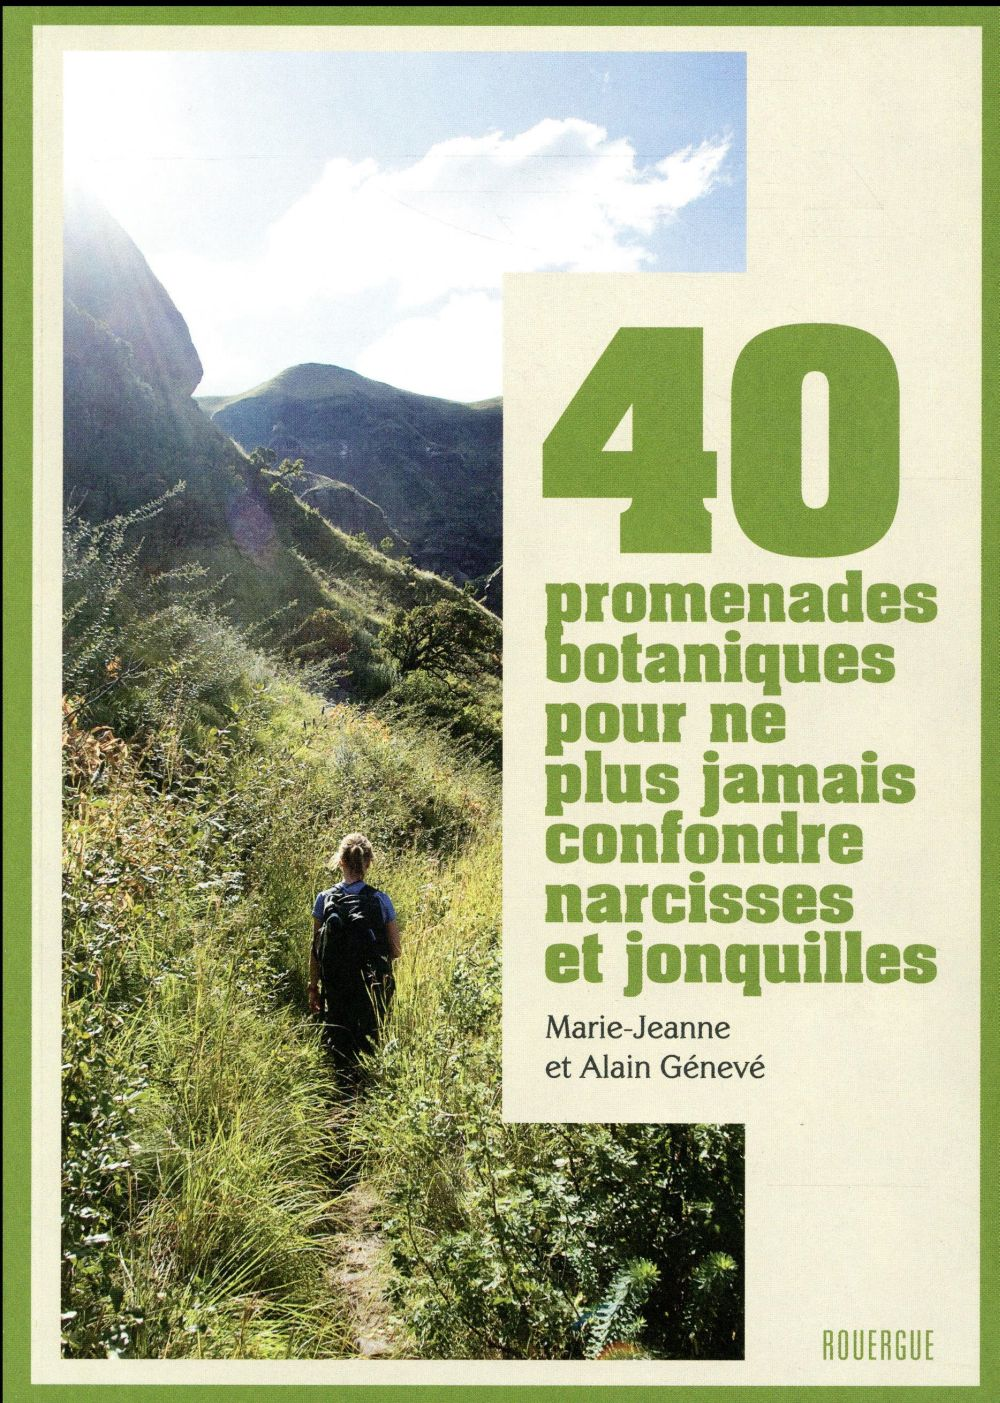 40 promenades botaniques pour ne plus jamais confondre narcisses et jonquilles